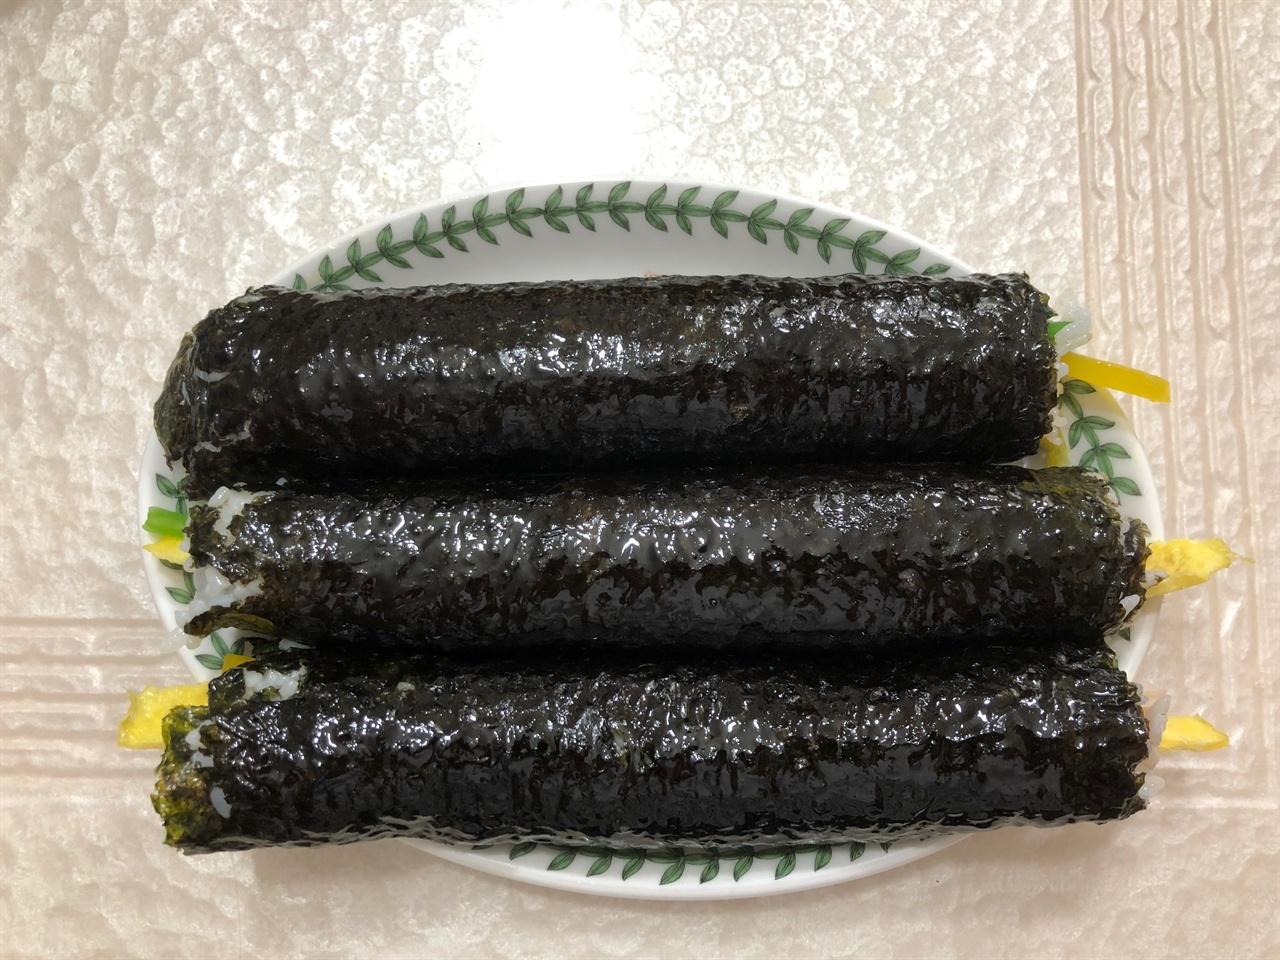 아빠의 사심 가득한 김밥1 아이들 간식으로 주기 위해 아빠가 싸놓은 김밥입니다.